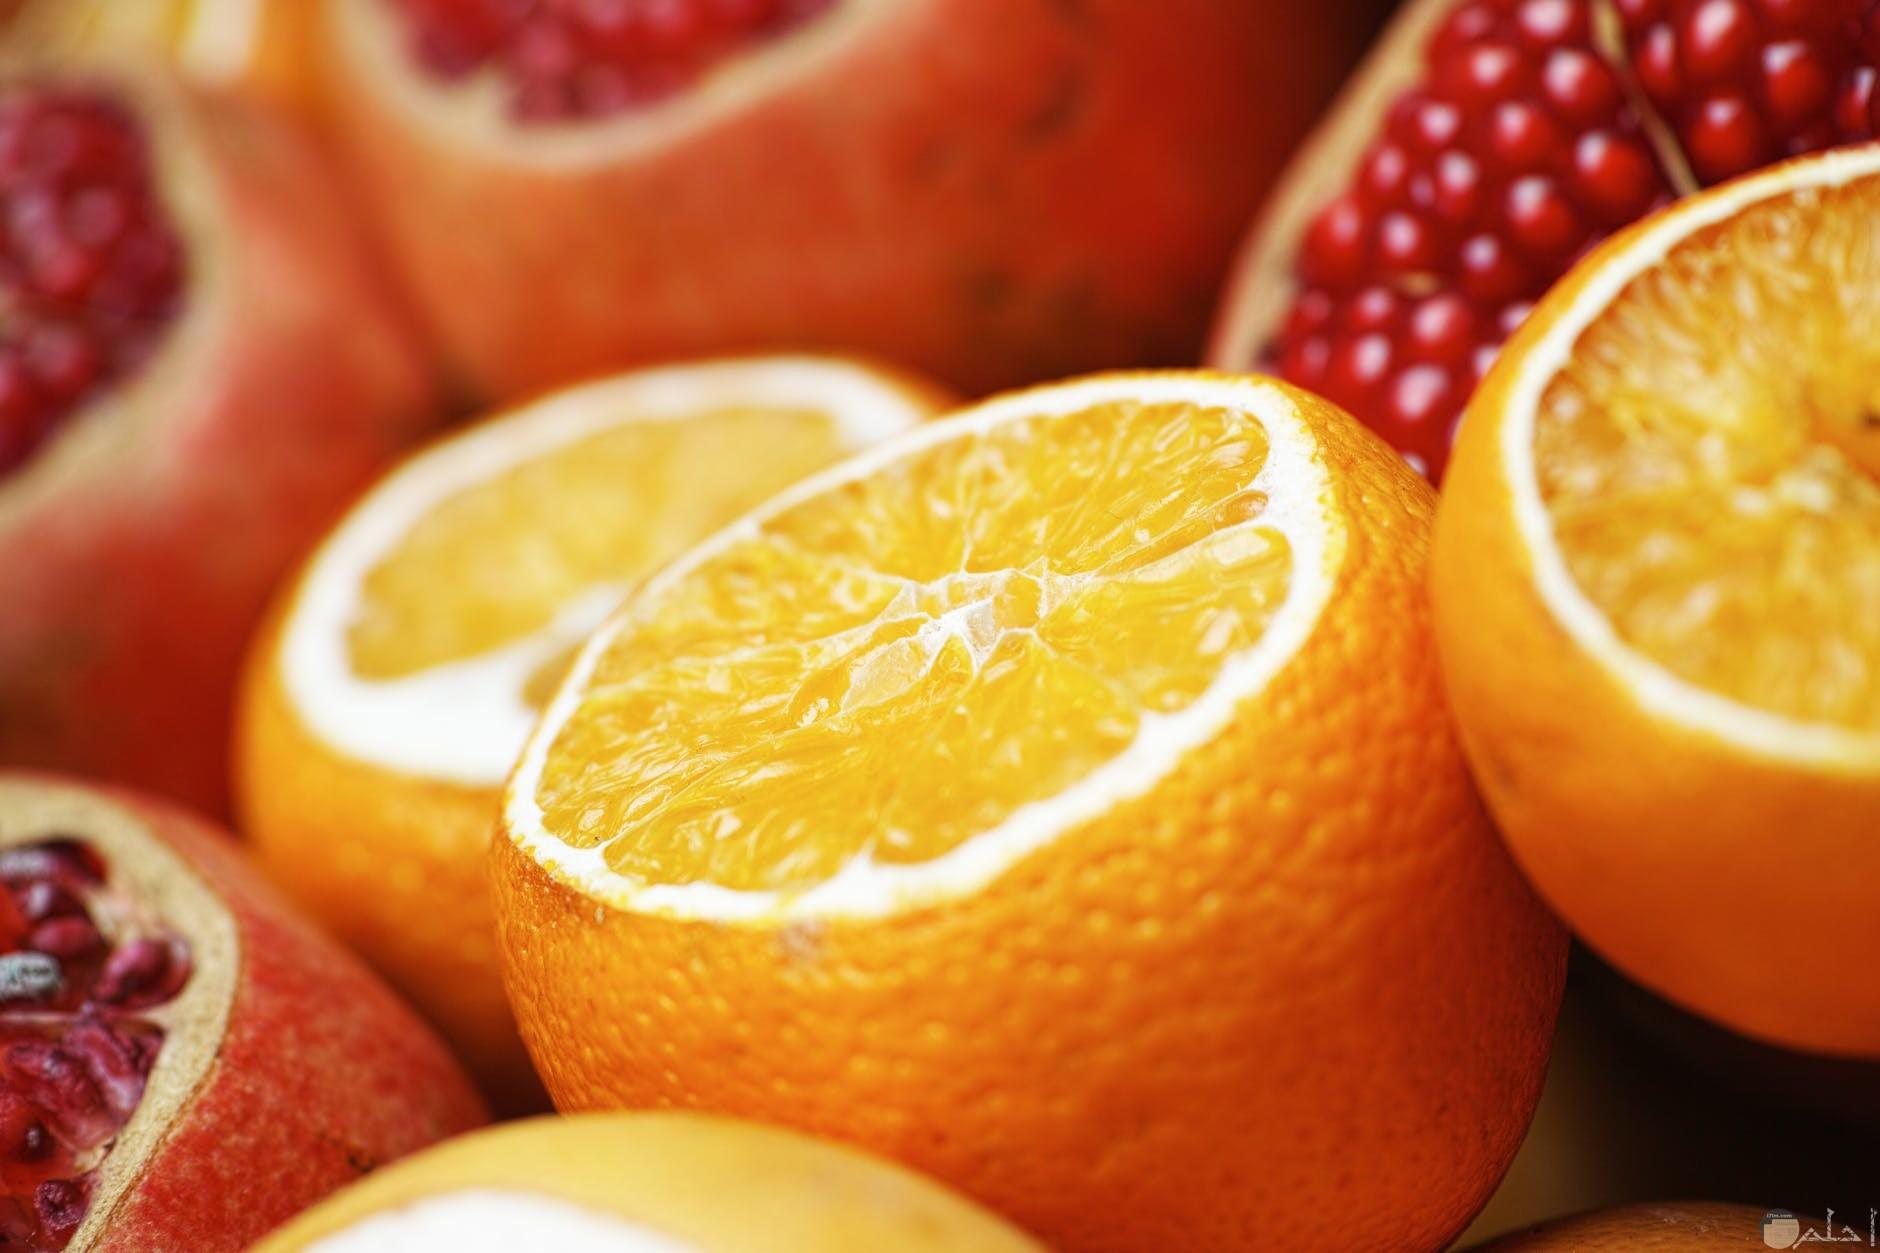 الرمان والبرتقال